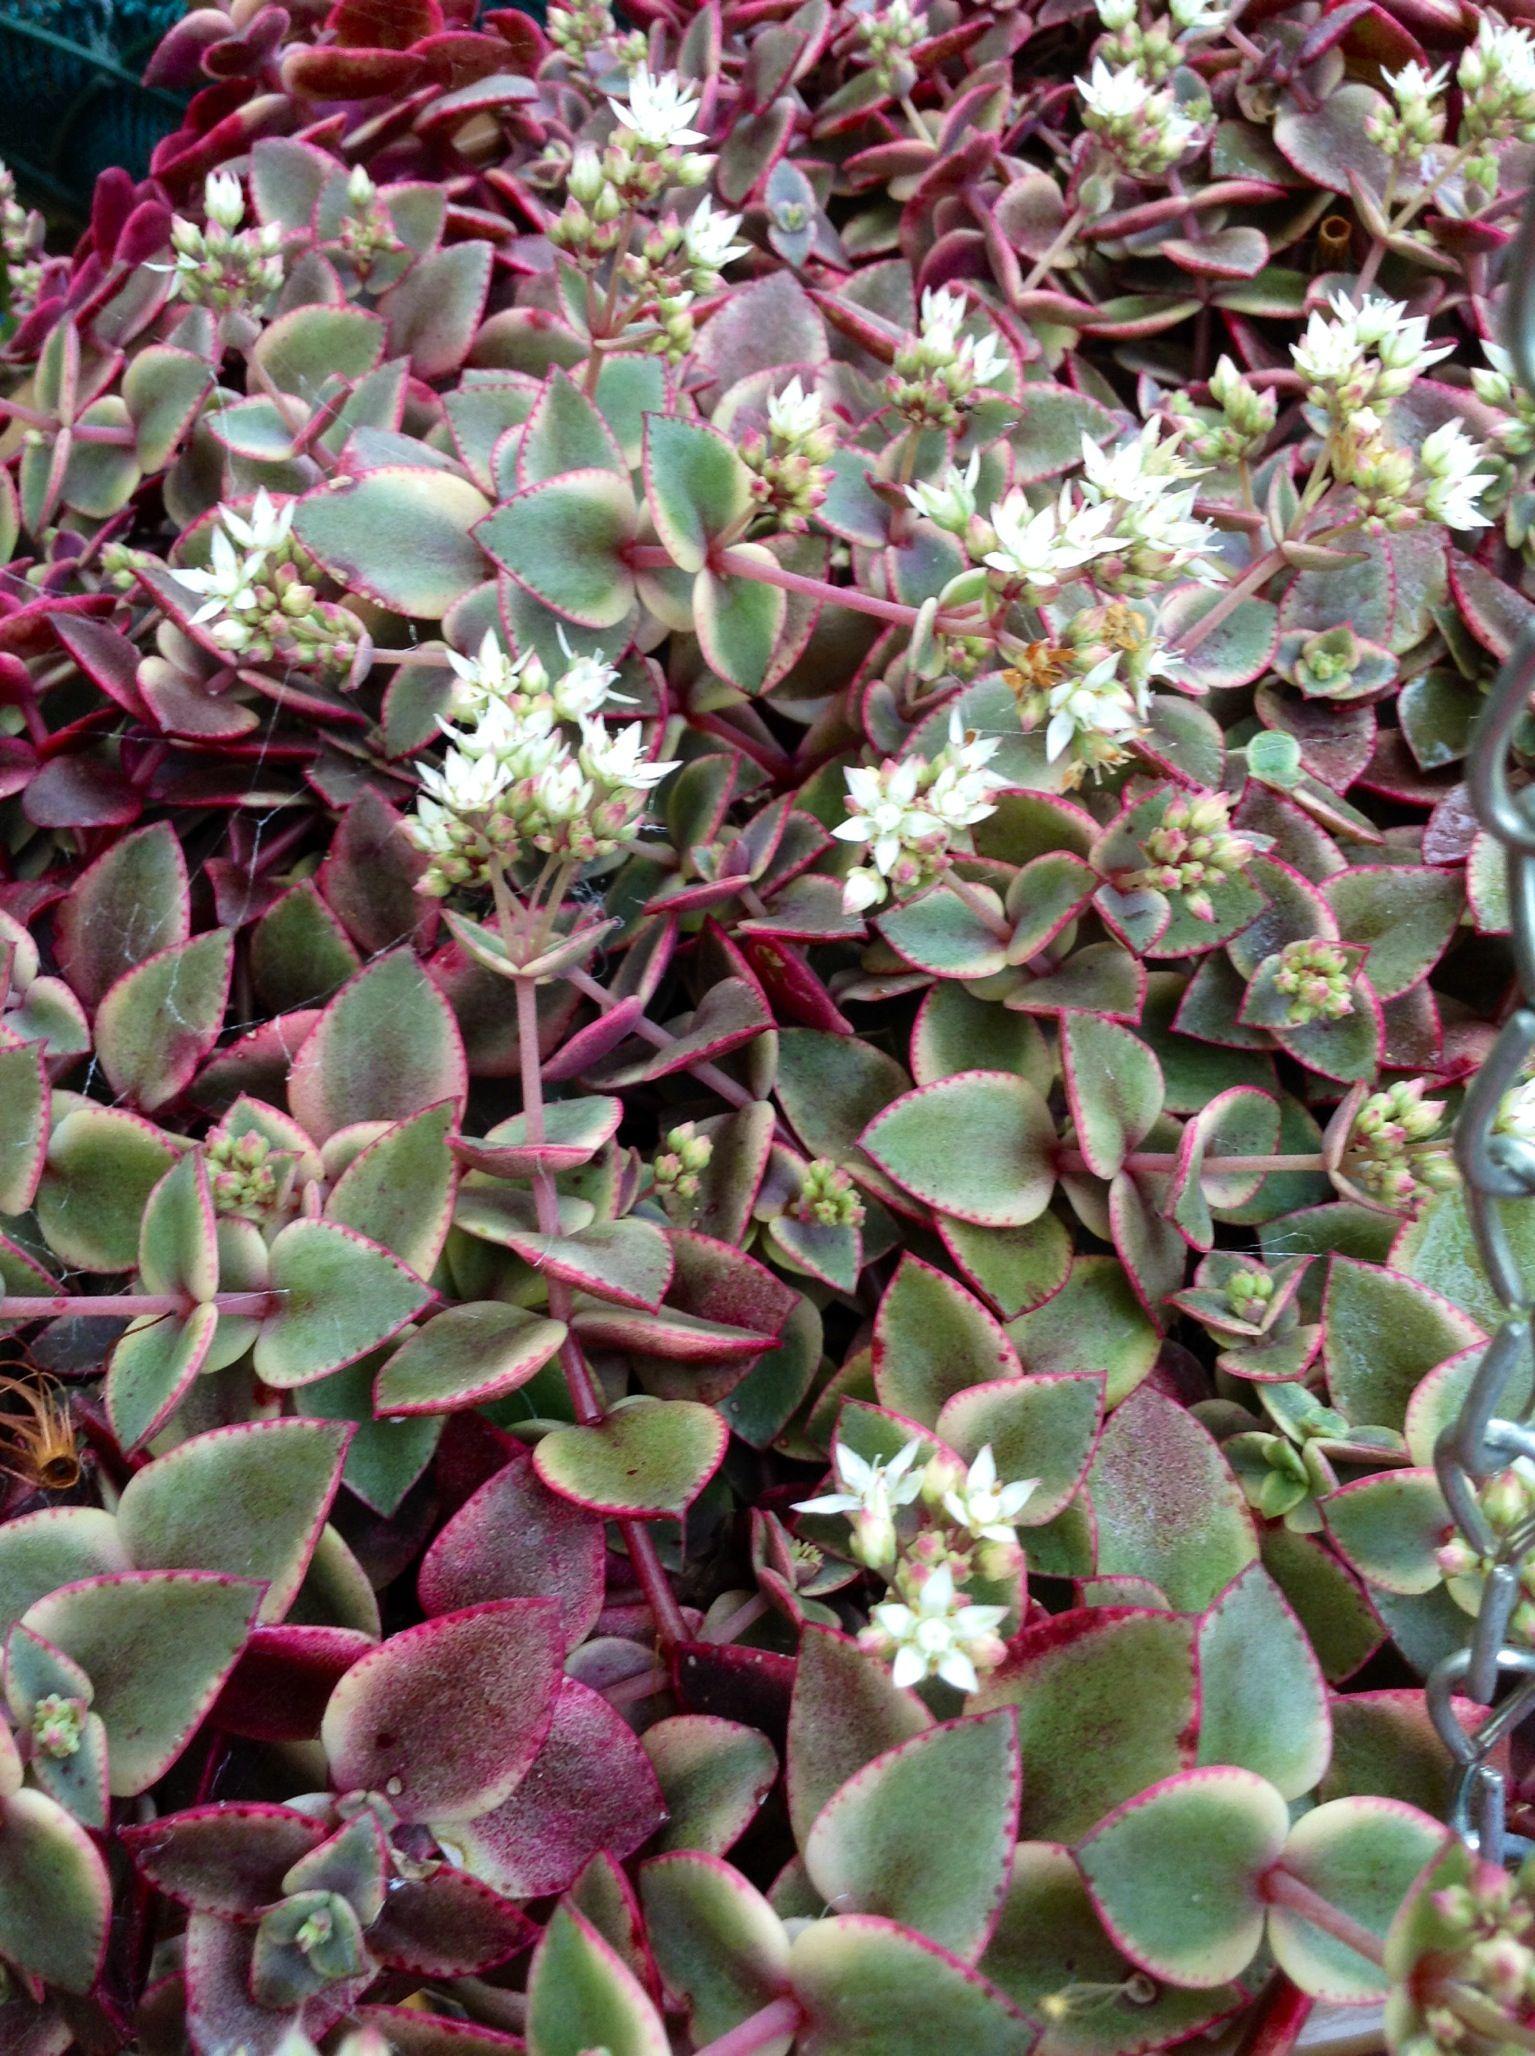 Crassula Pellucida Subsp Marginalis Variegata In Flower Succulents Cacti And Succulents Planting Succulents